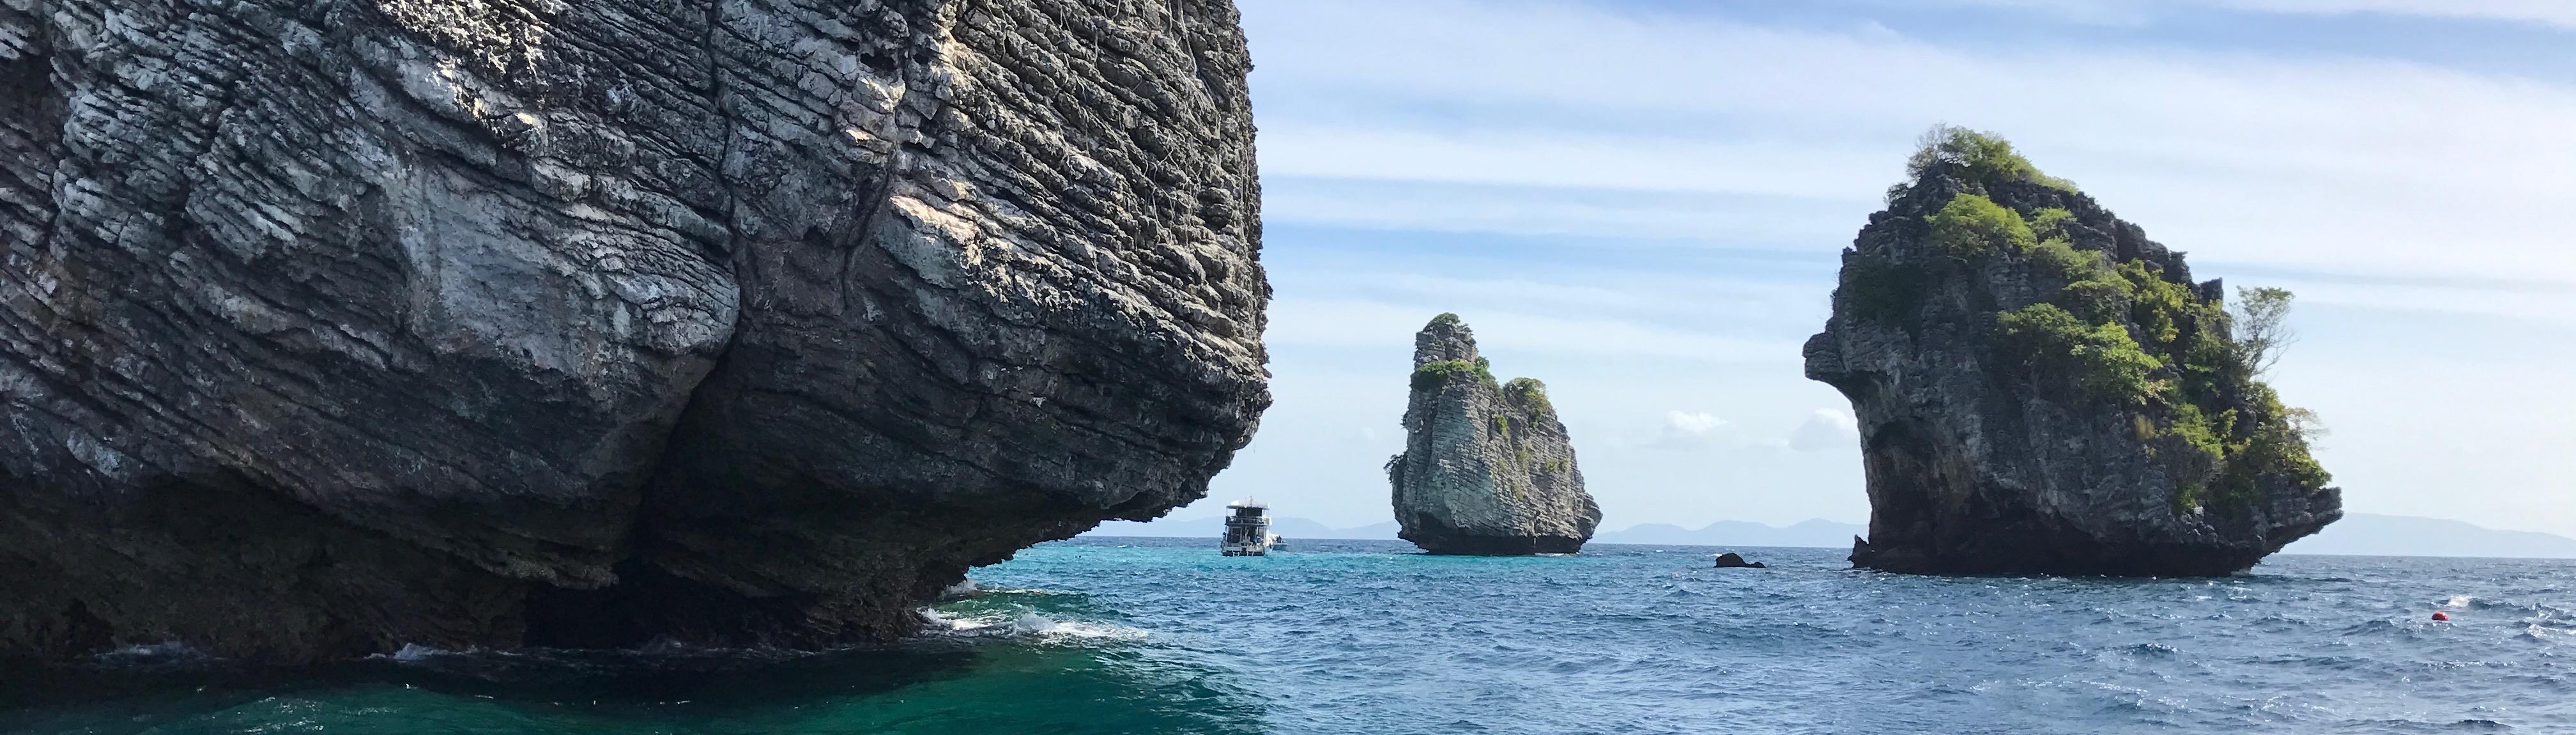 Rok Islands tour